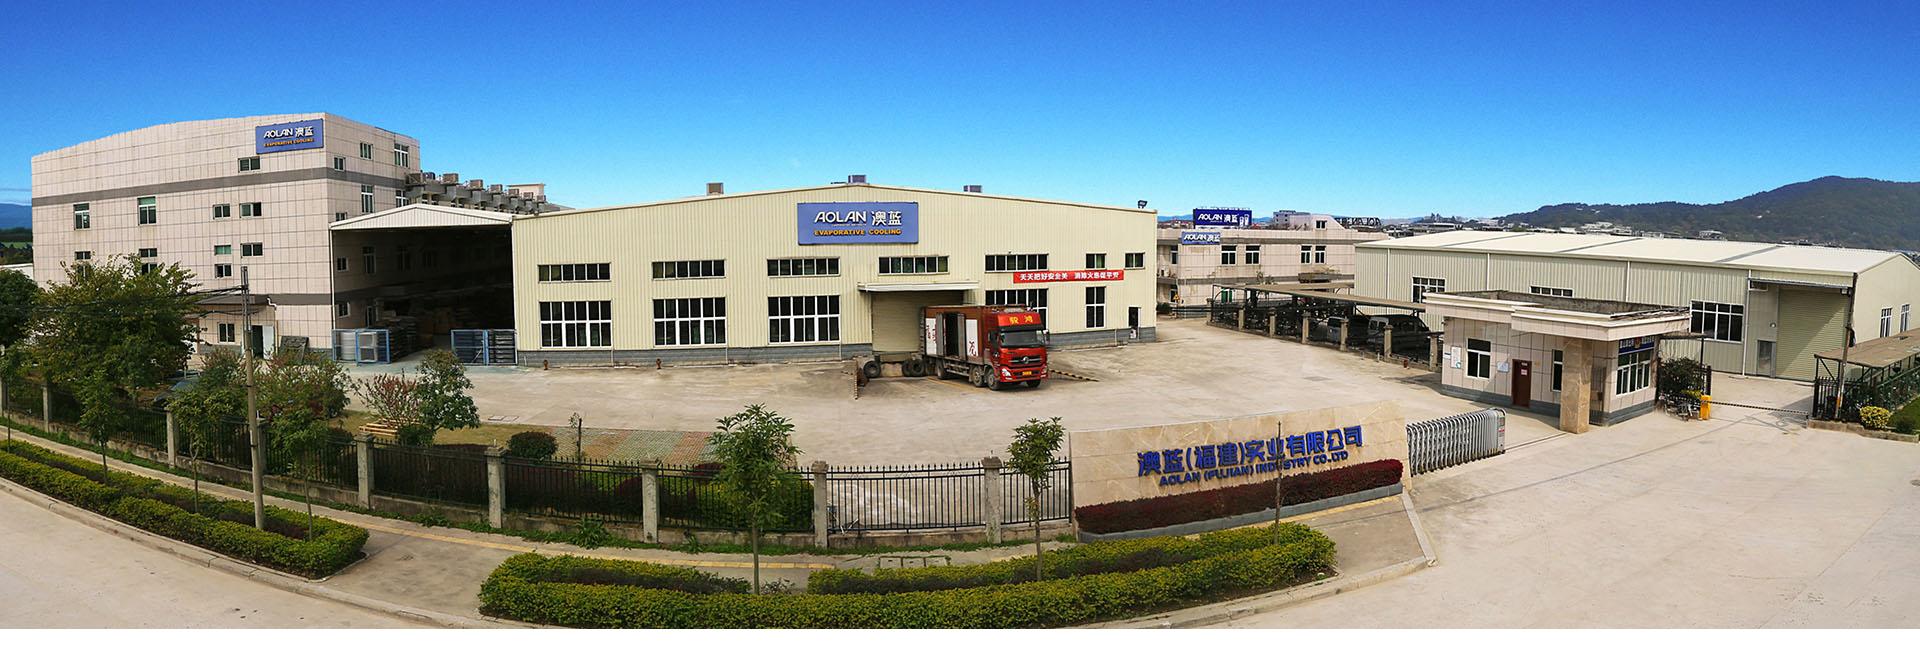 厂房外景图片